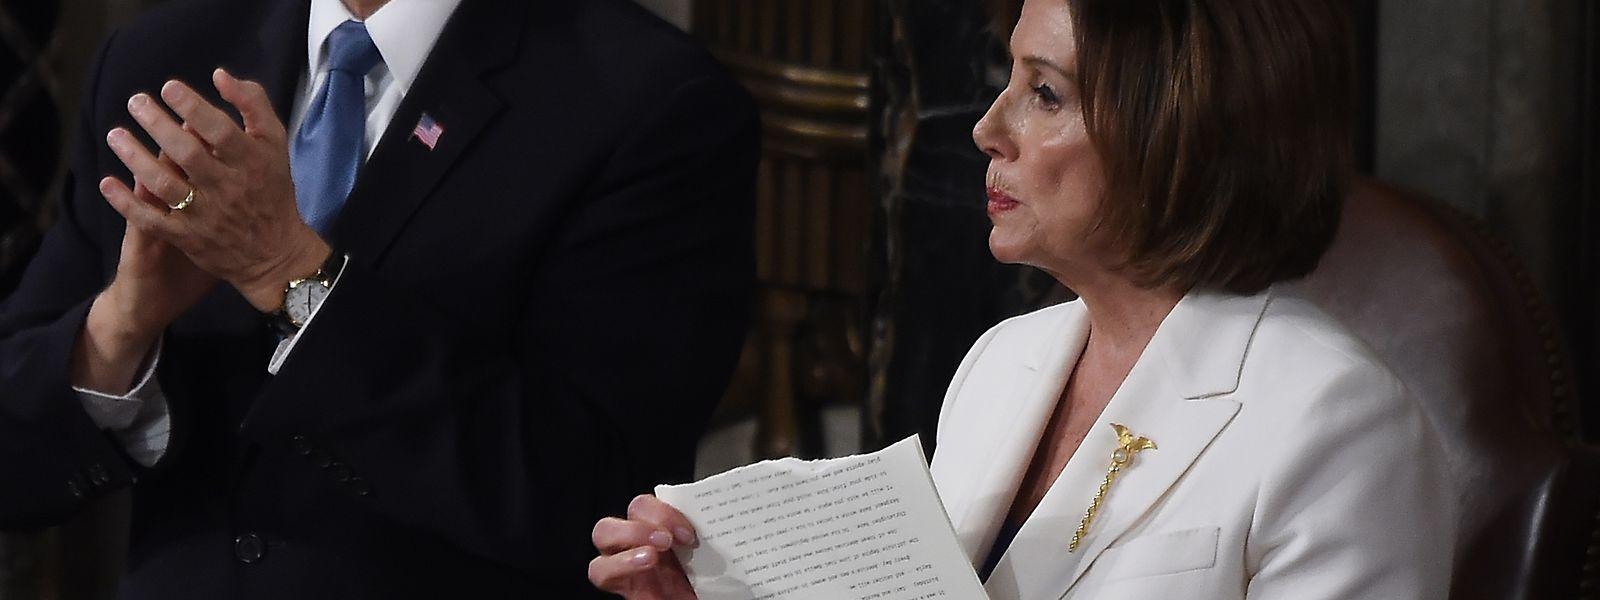 Nancy Pelosi a avoué avoir fait ce geste «parce que c'était la chose la plus courtoise à faire, par rapport aux alternatives»